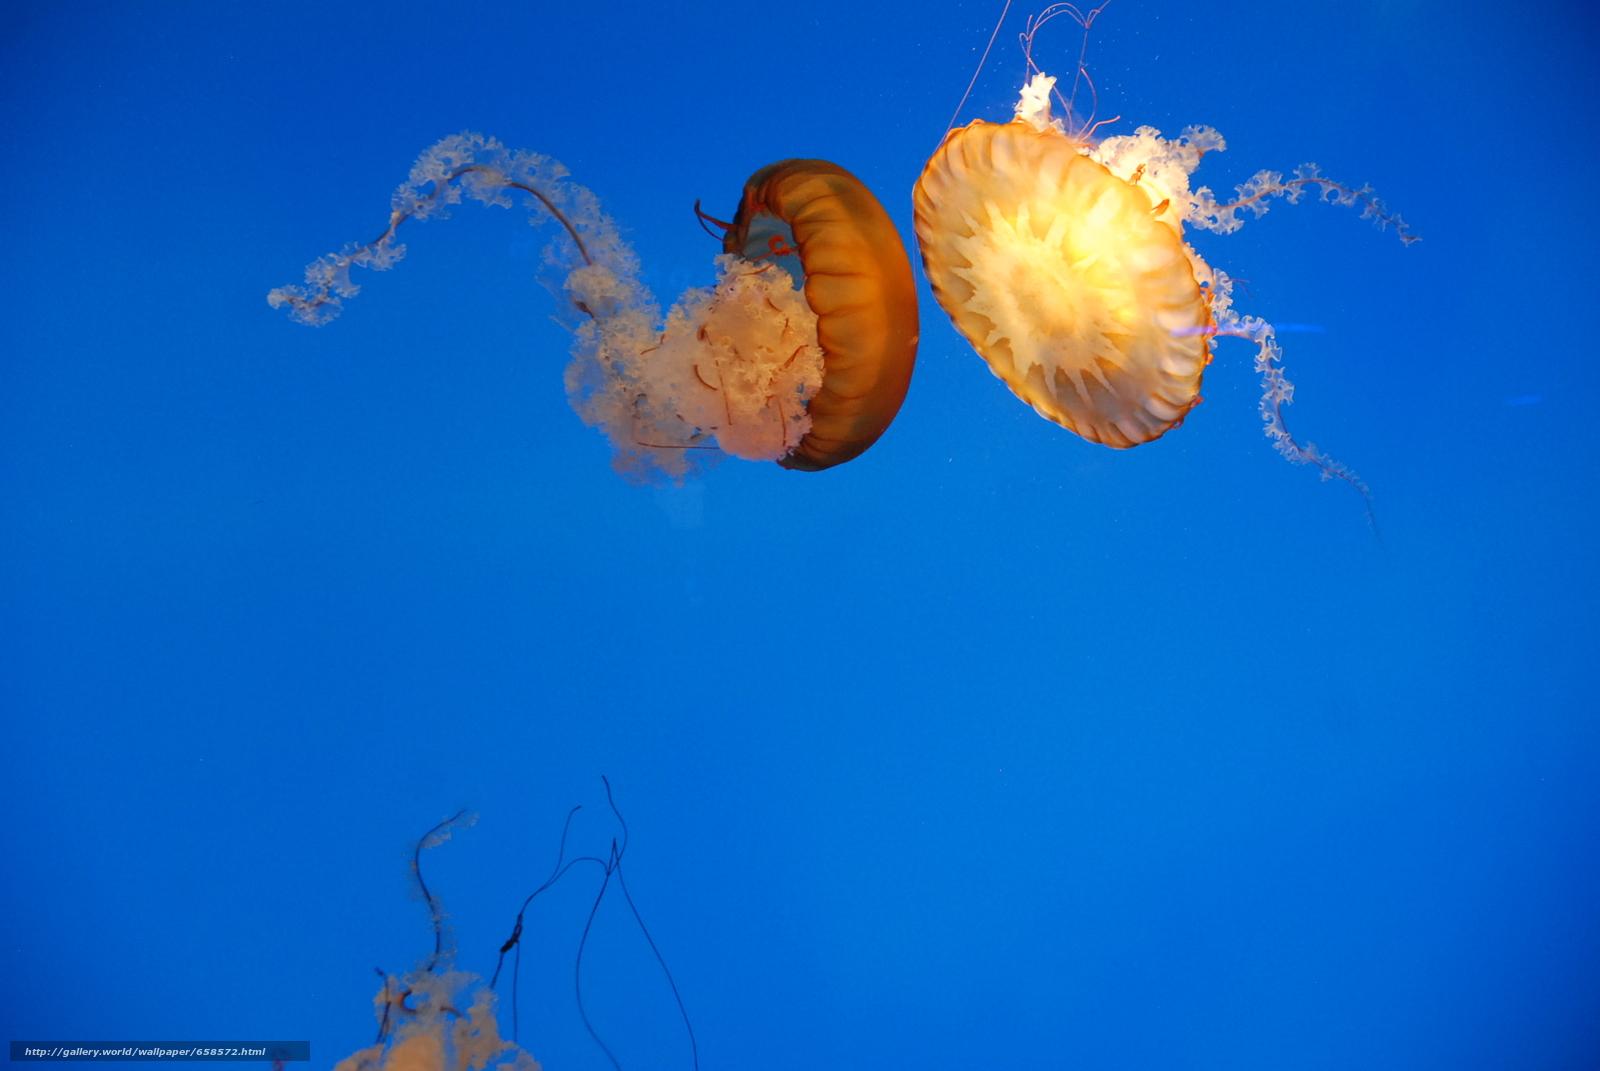 Скачать обои медуза,  медузы,  подводный мир,  вода бесплатно для рабочего стола в разрешении 1936x1296 — картинка №658572